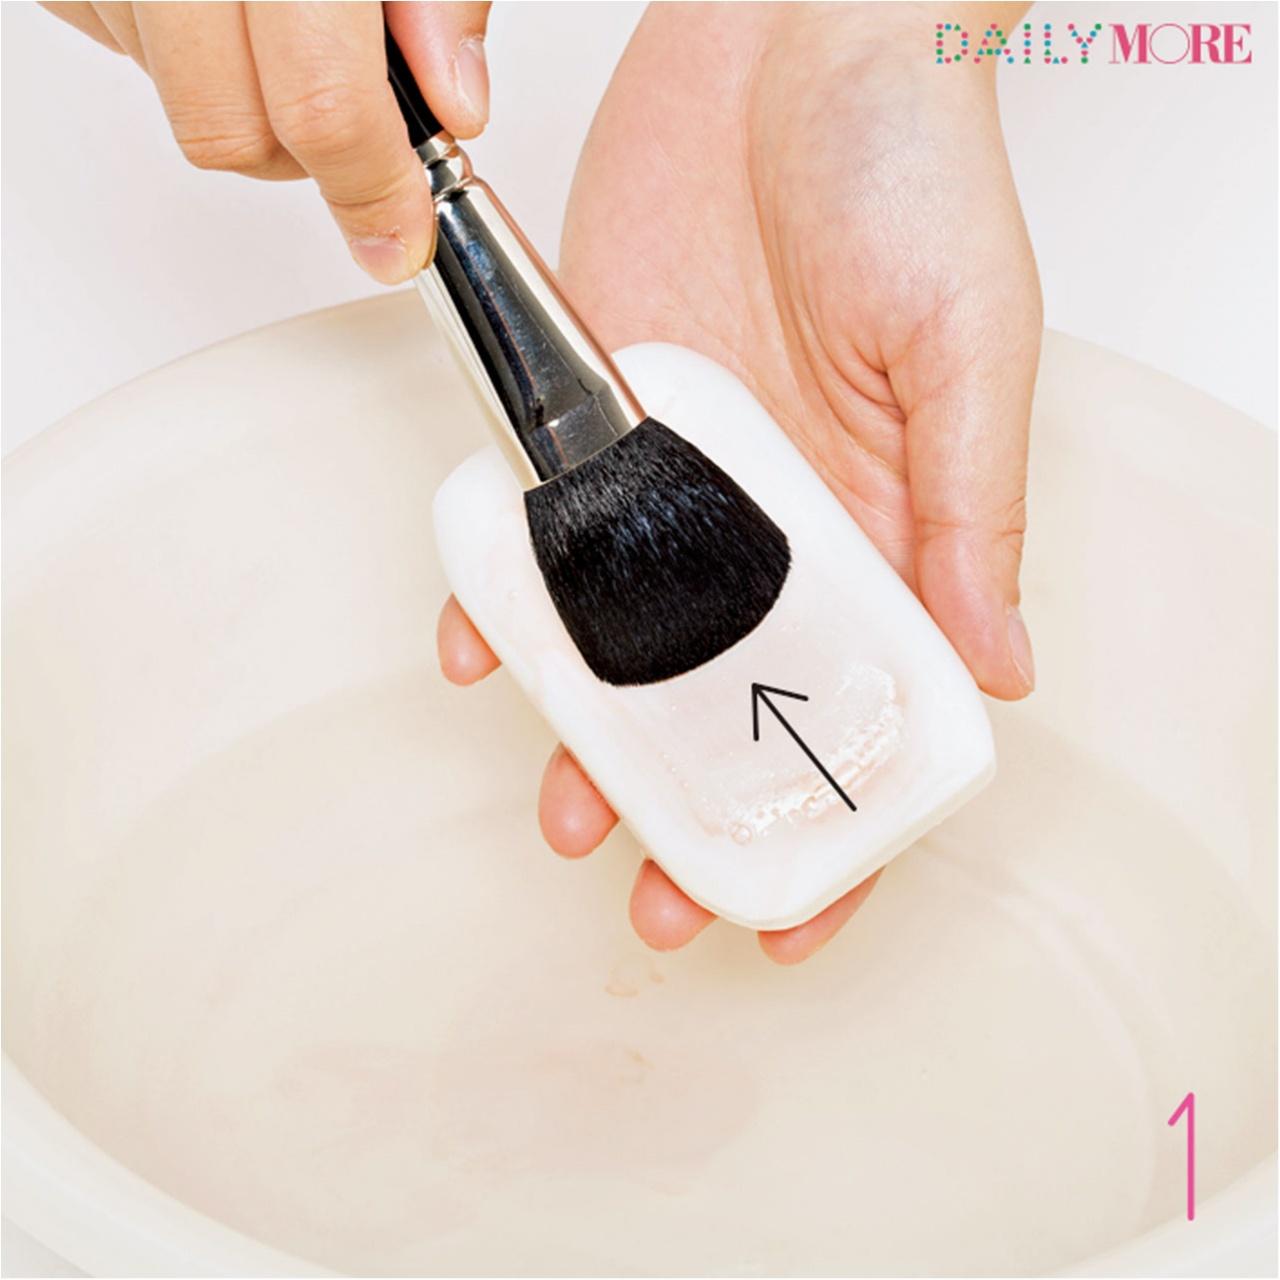 メイク用ブラシは粉の落とし方が重要!! 【メイクの汚道具、一斉お掃除大作戦!】_6